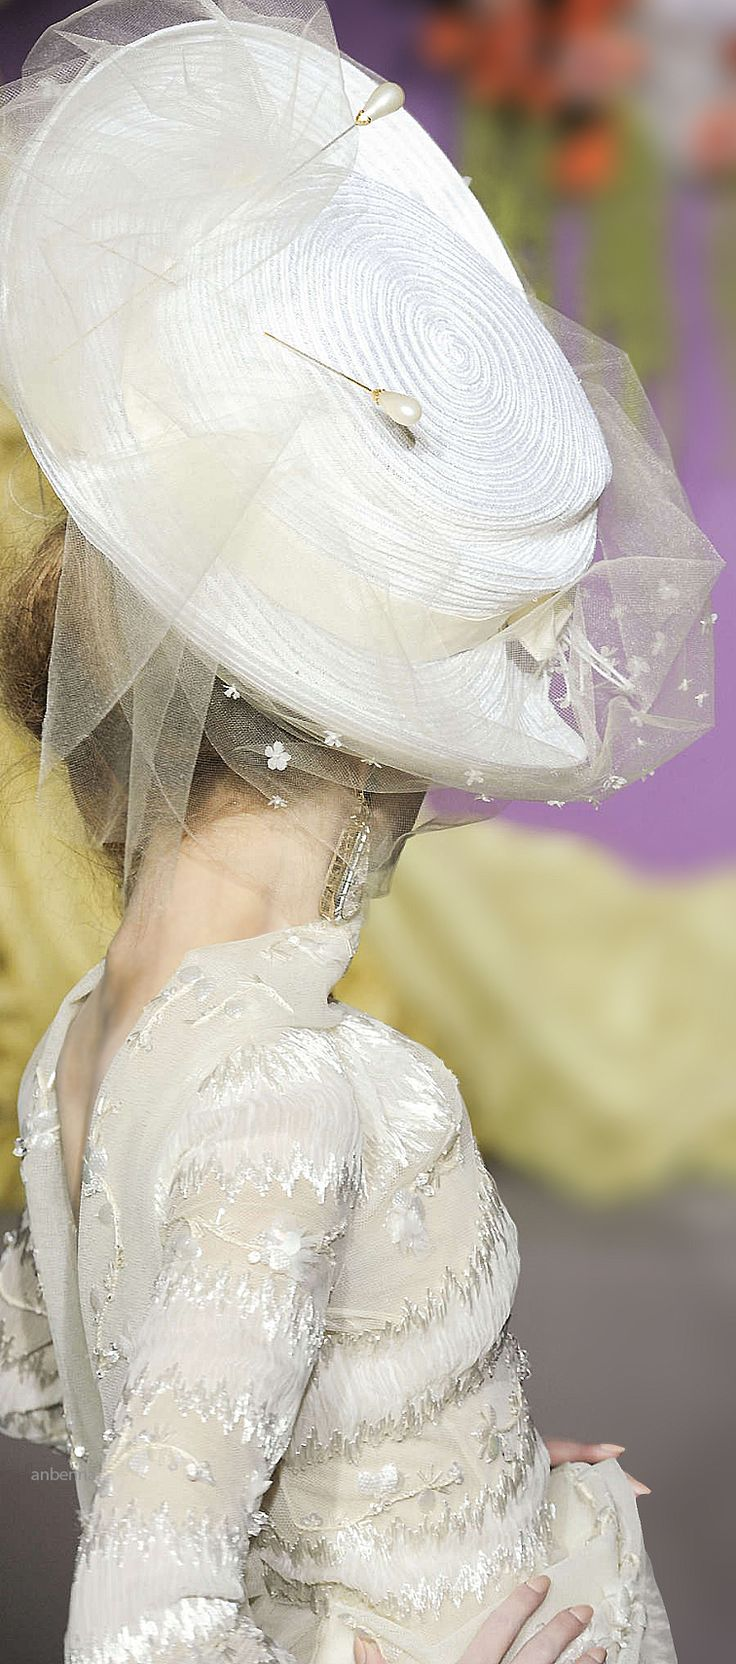 best hats images on pinterest